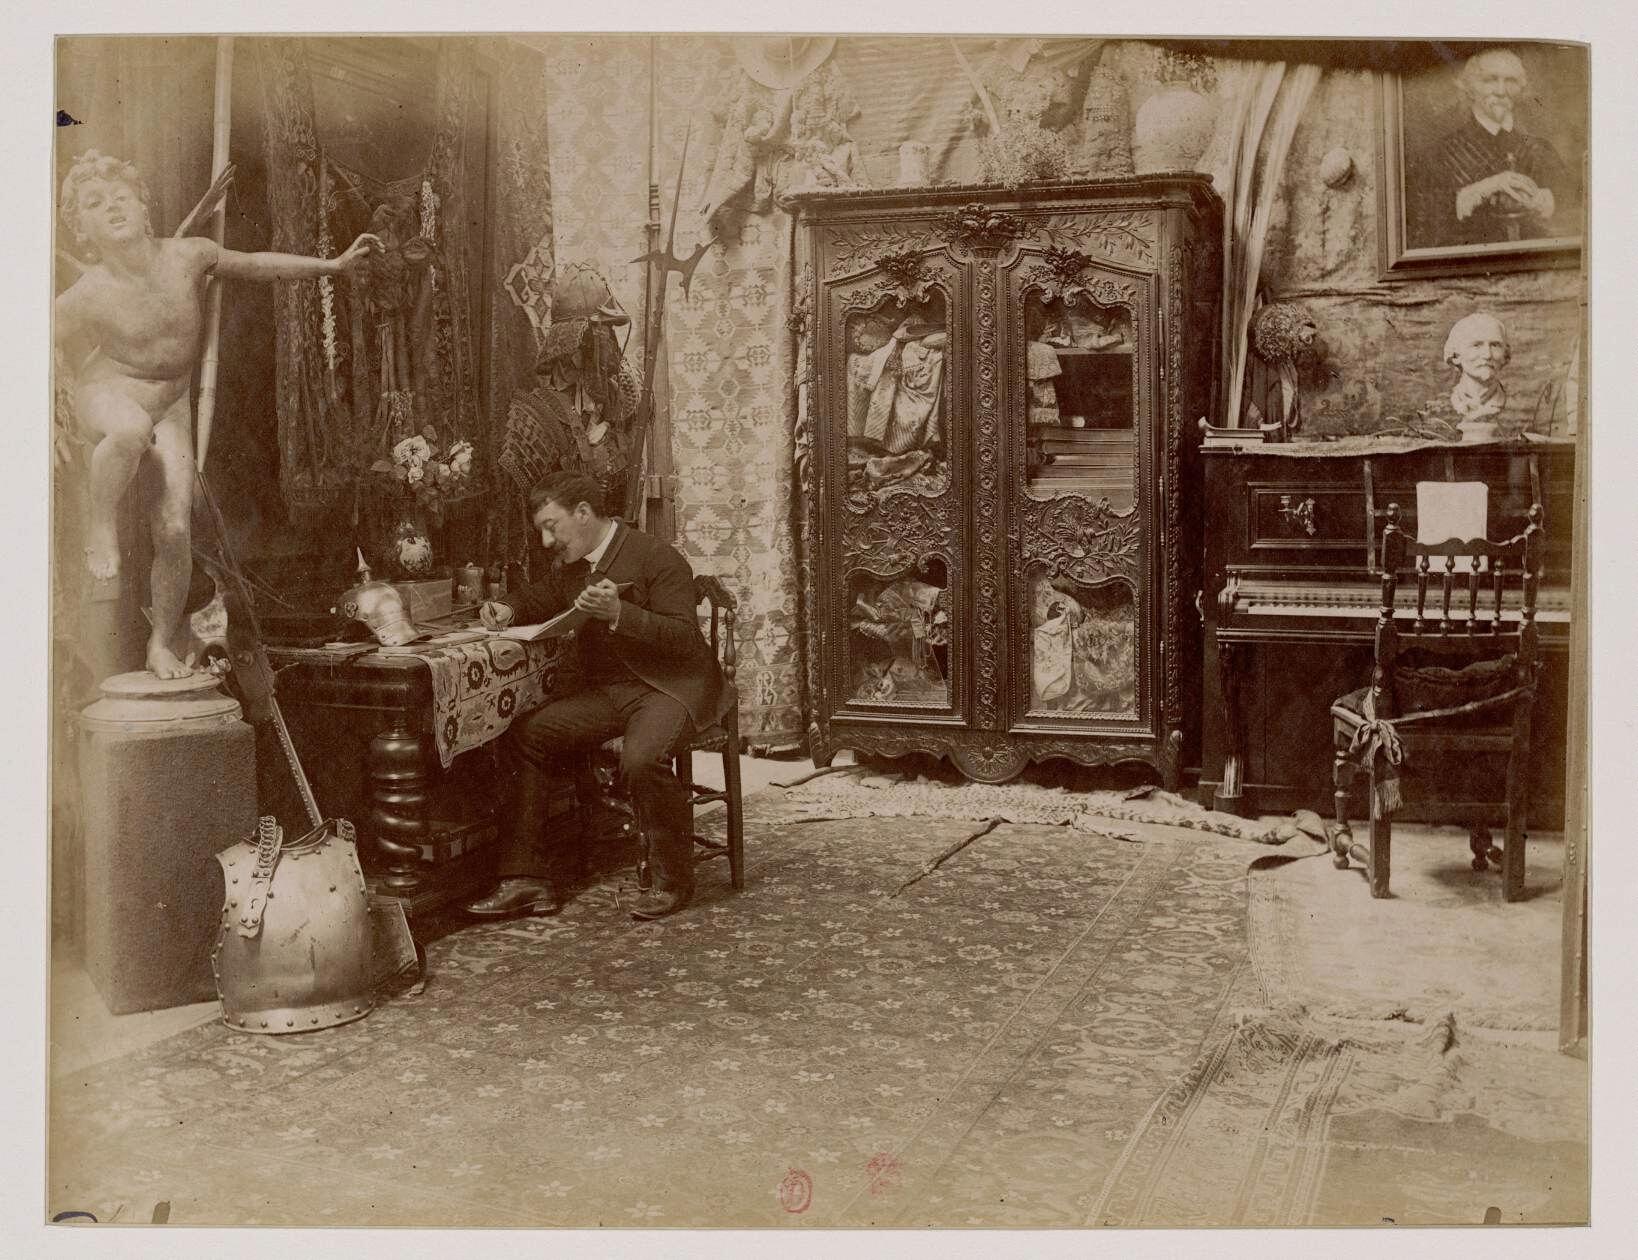 Эме-Николя Моро (1850-1913) - французский живописец в академическом художественном стиле